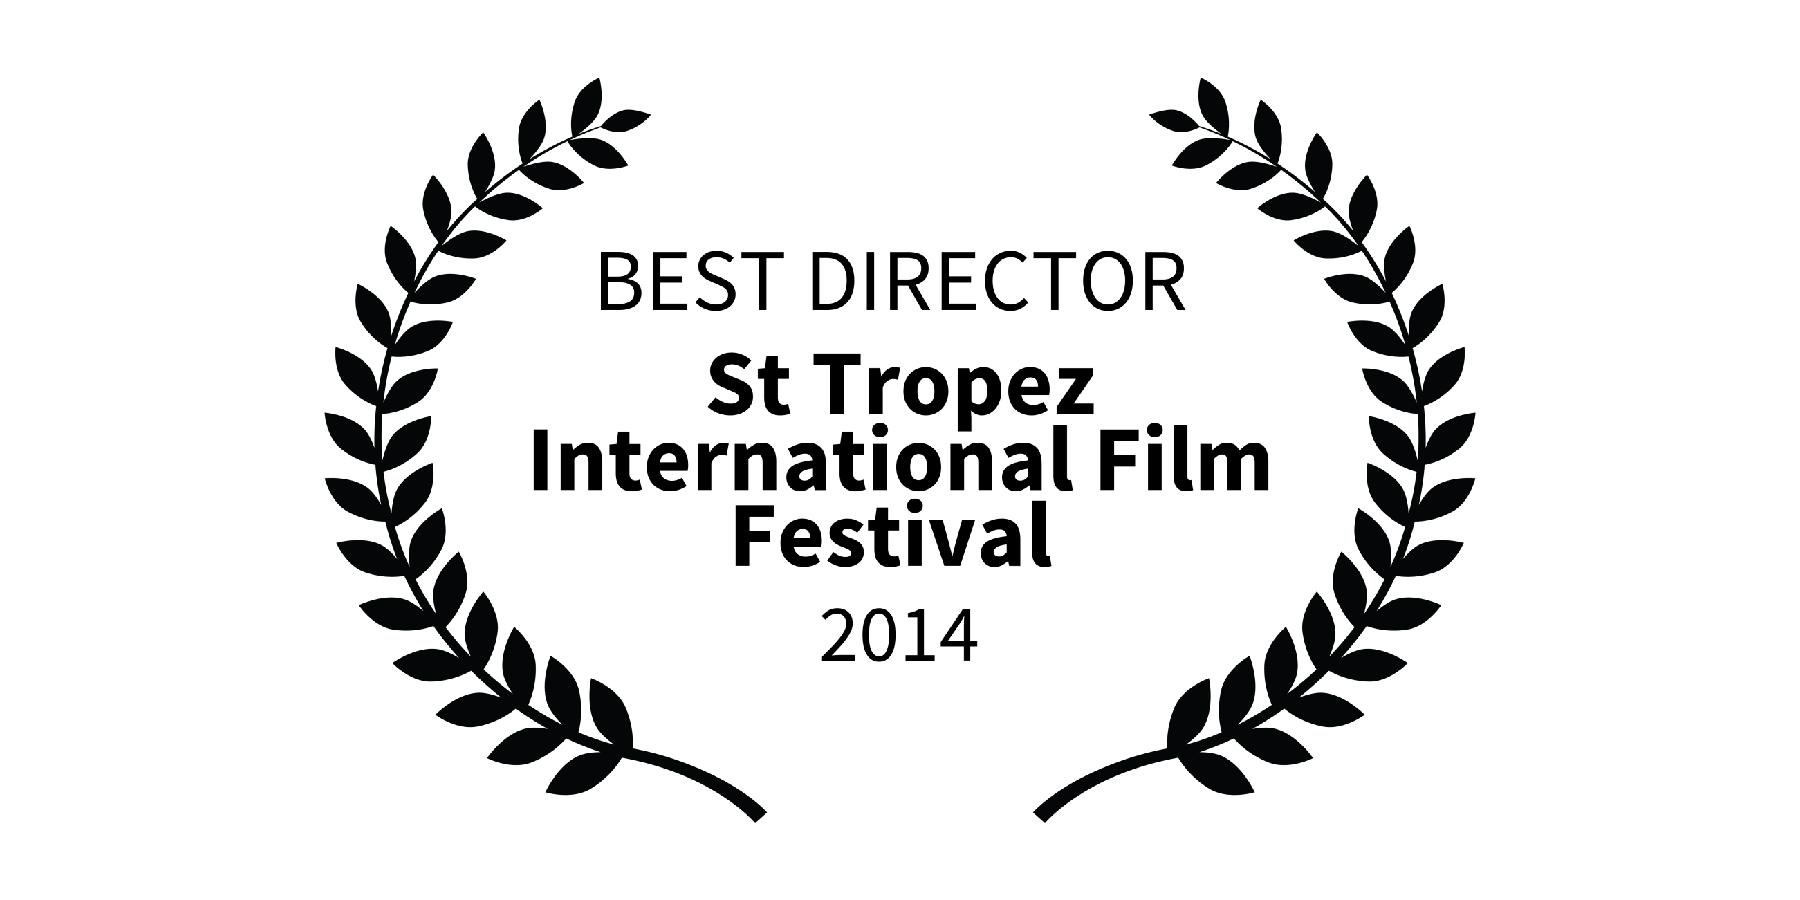 BEST_DIRECTOR_STTROPEZ-01.jpg